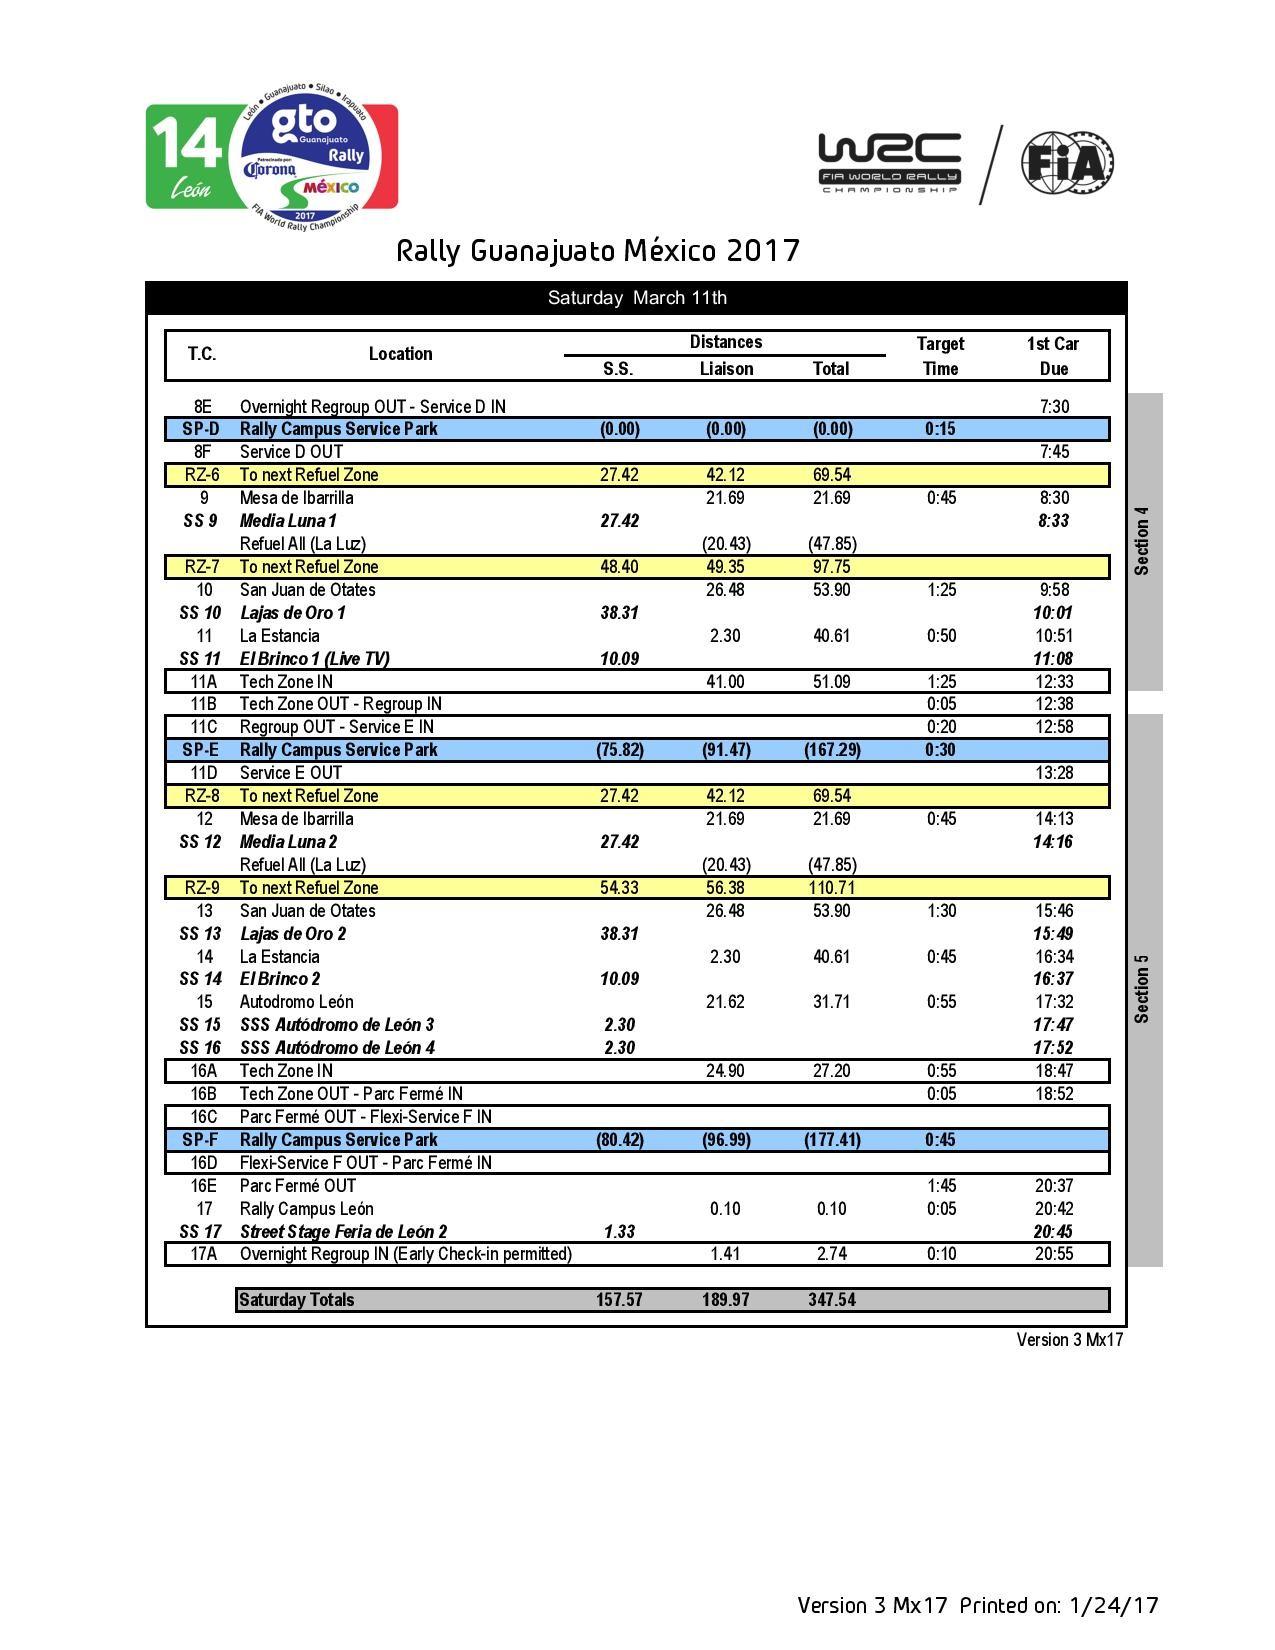 ItineraryMx17 V3 page 003